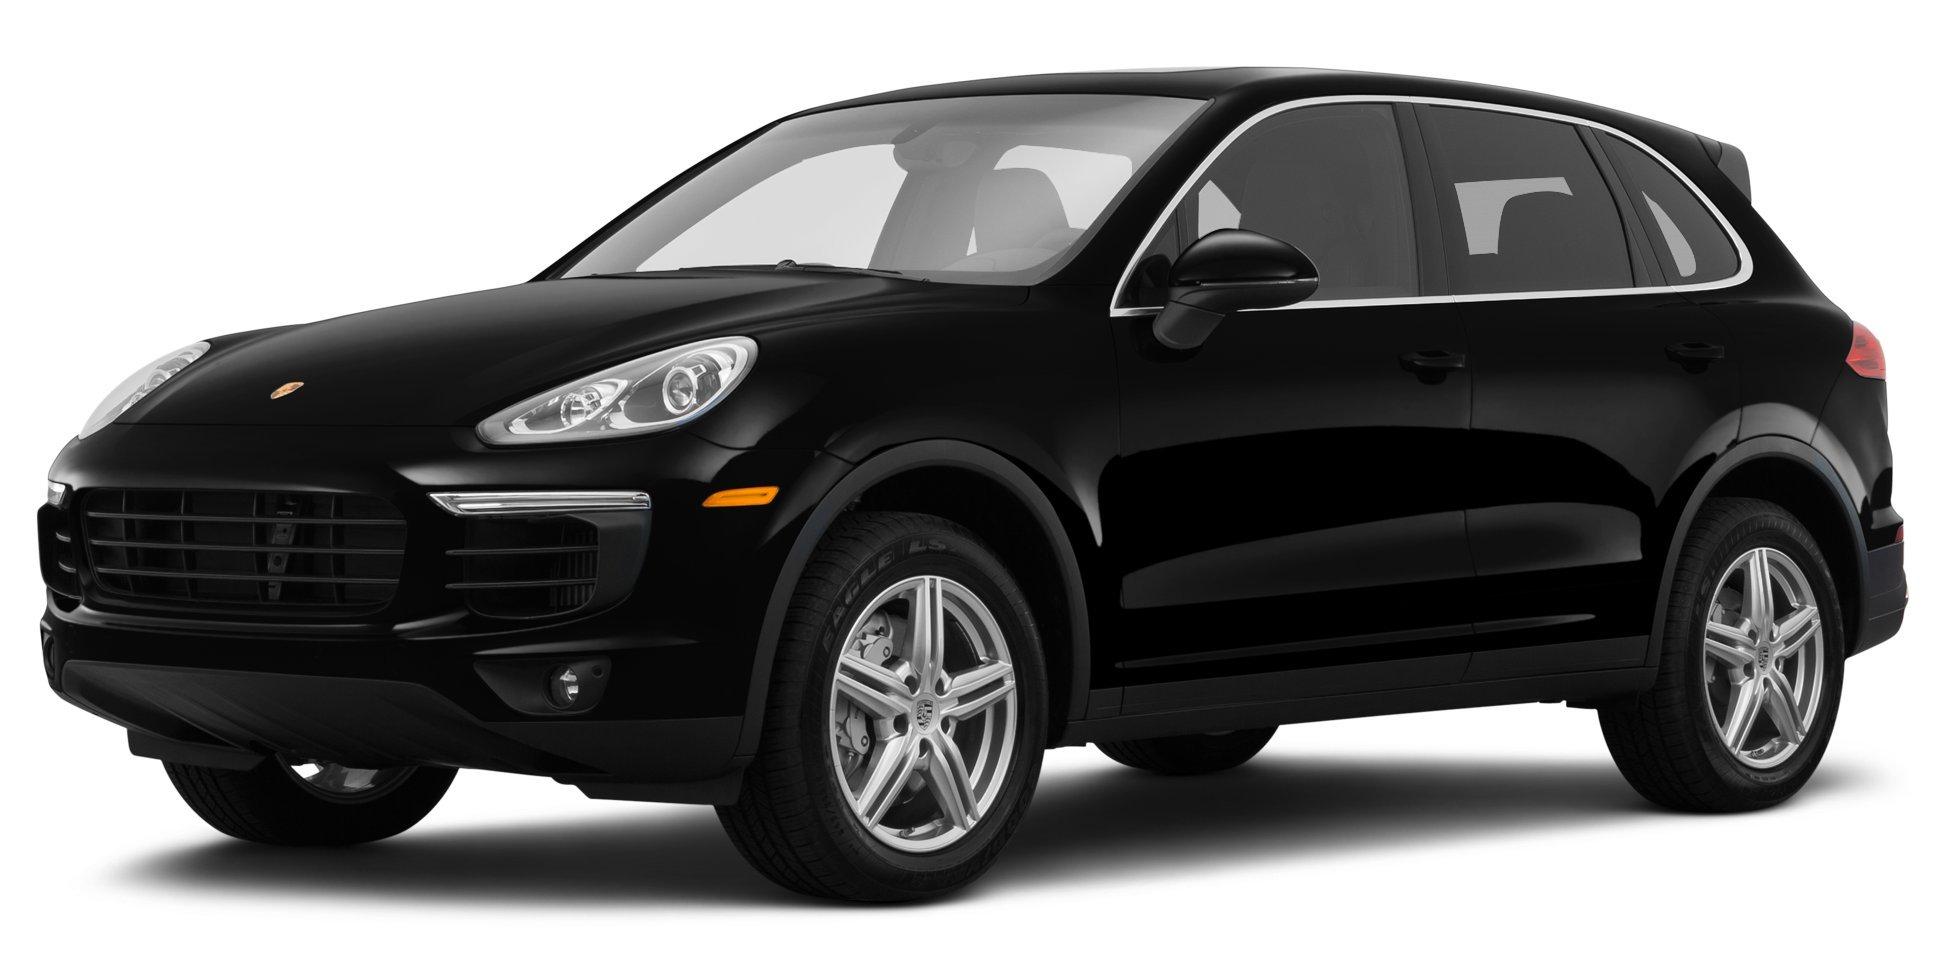 2015 porsche cayenne diesel all wheel drive 4 door